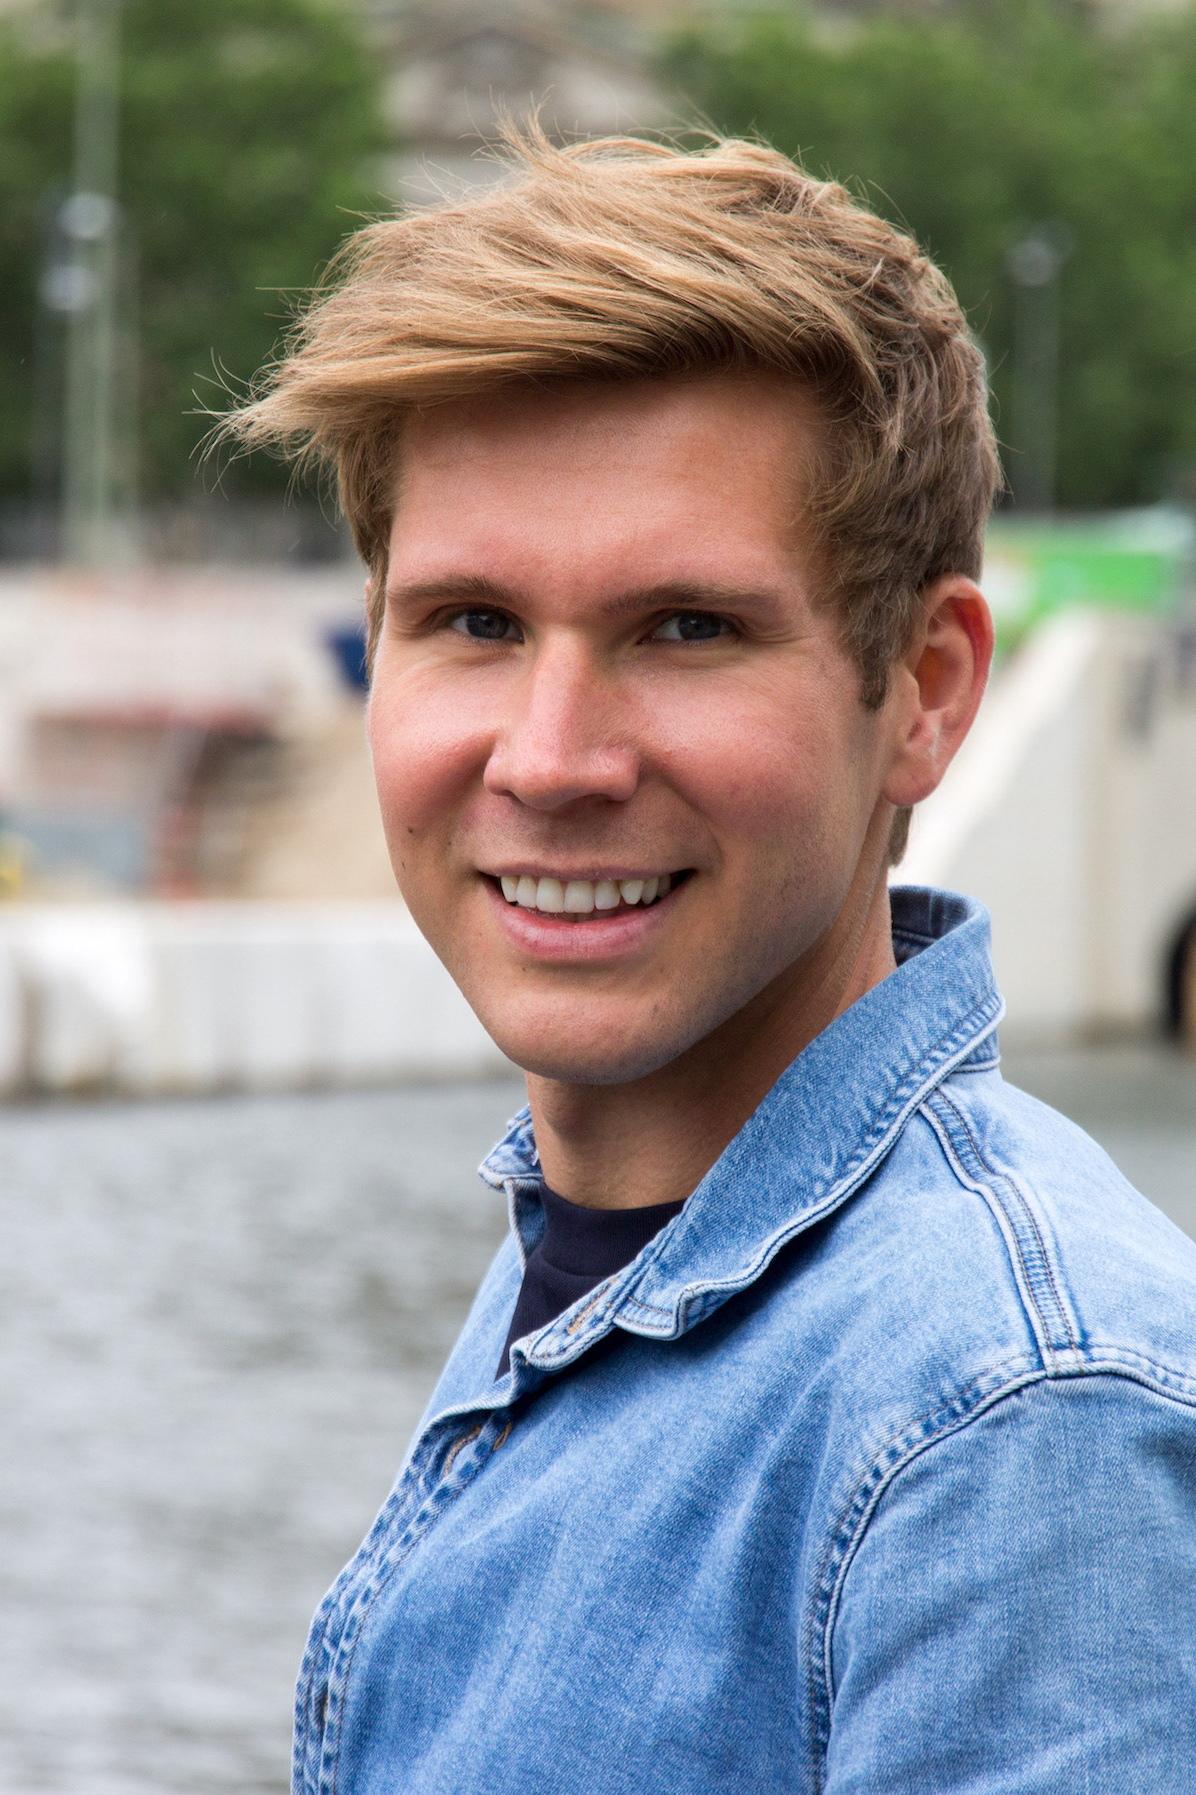 Marc M. Berlin